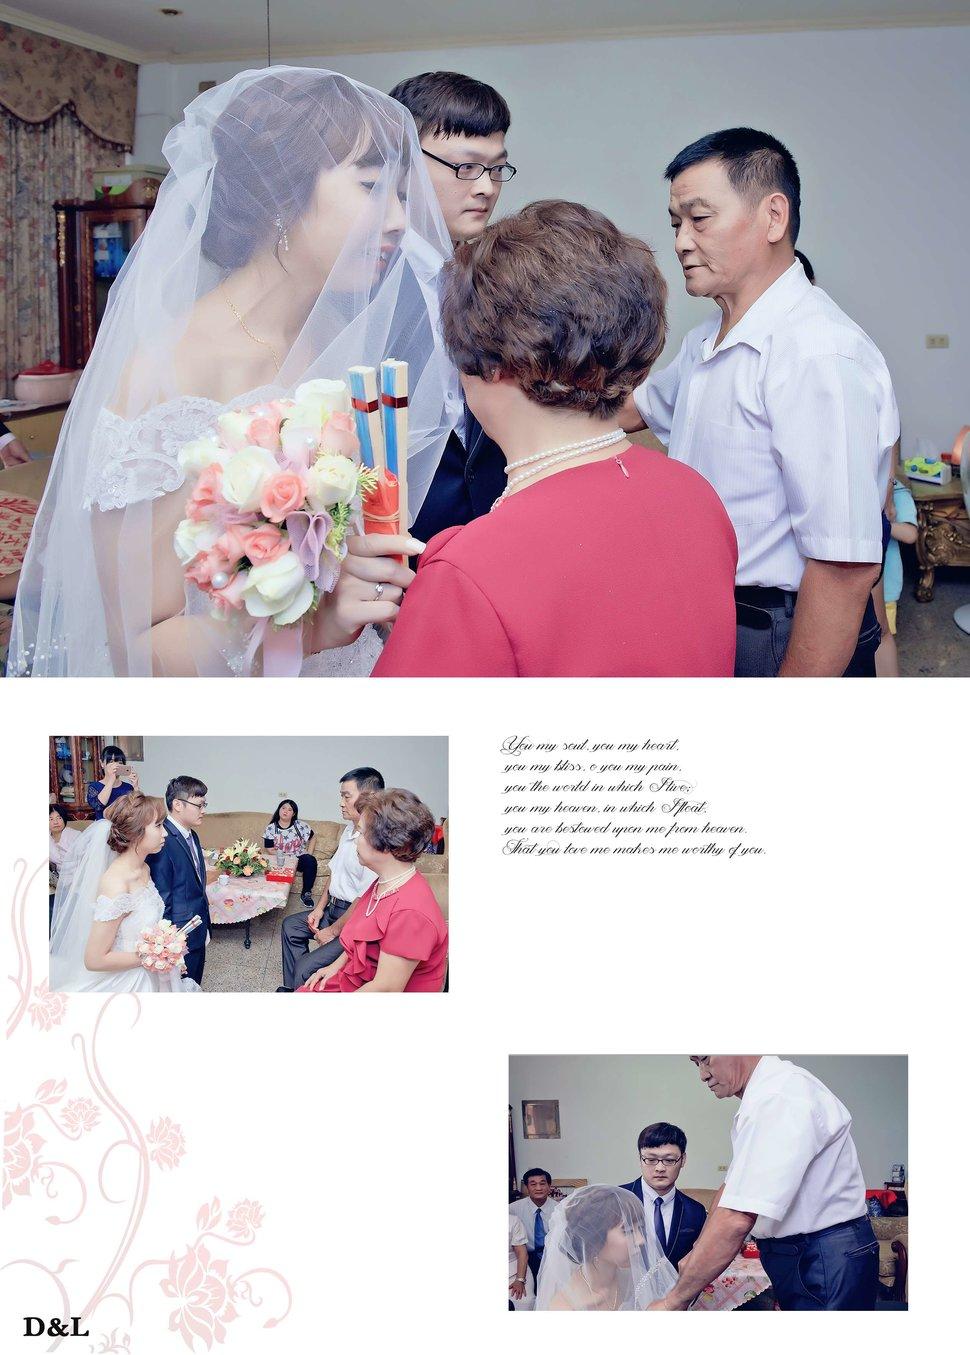 台中婚攝 婚禮紀錄 嘉捷&莉卿-臻愛婚宴會館豐原(編號:300041) - D&L 婚禮事務-婚紗攝影/婚禮記錄 - 結婚吧